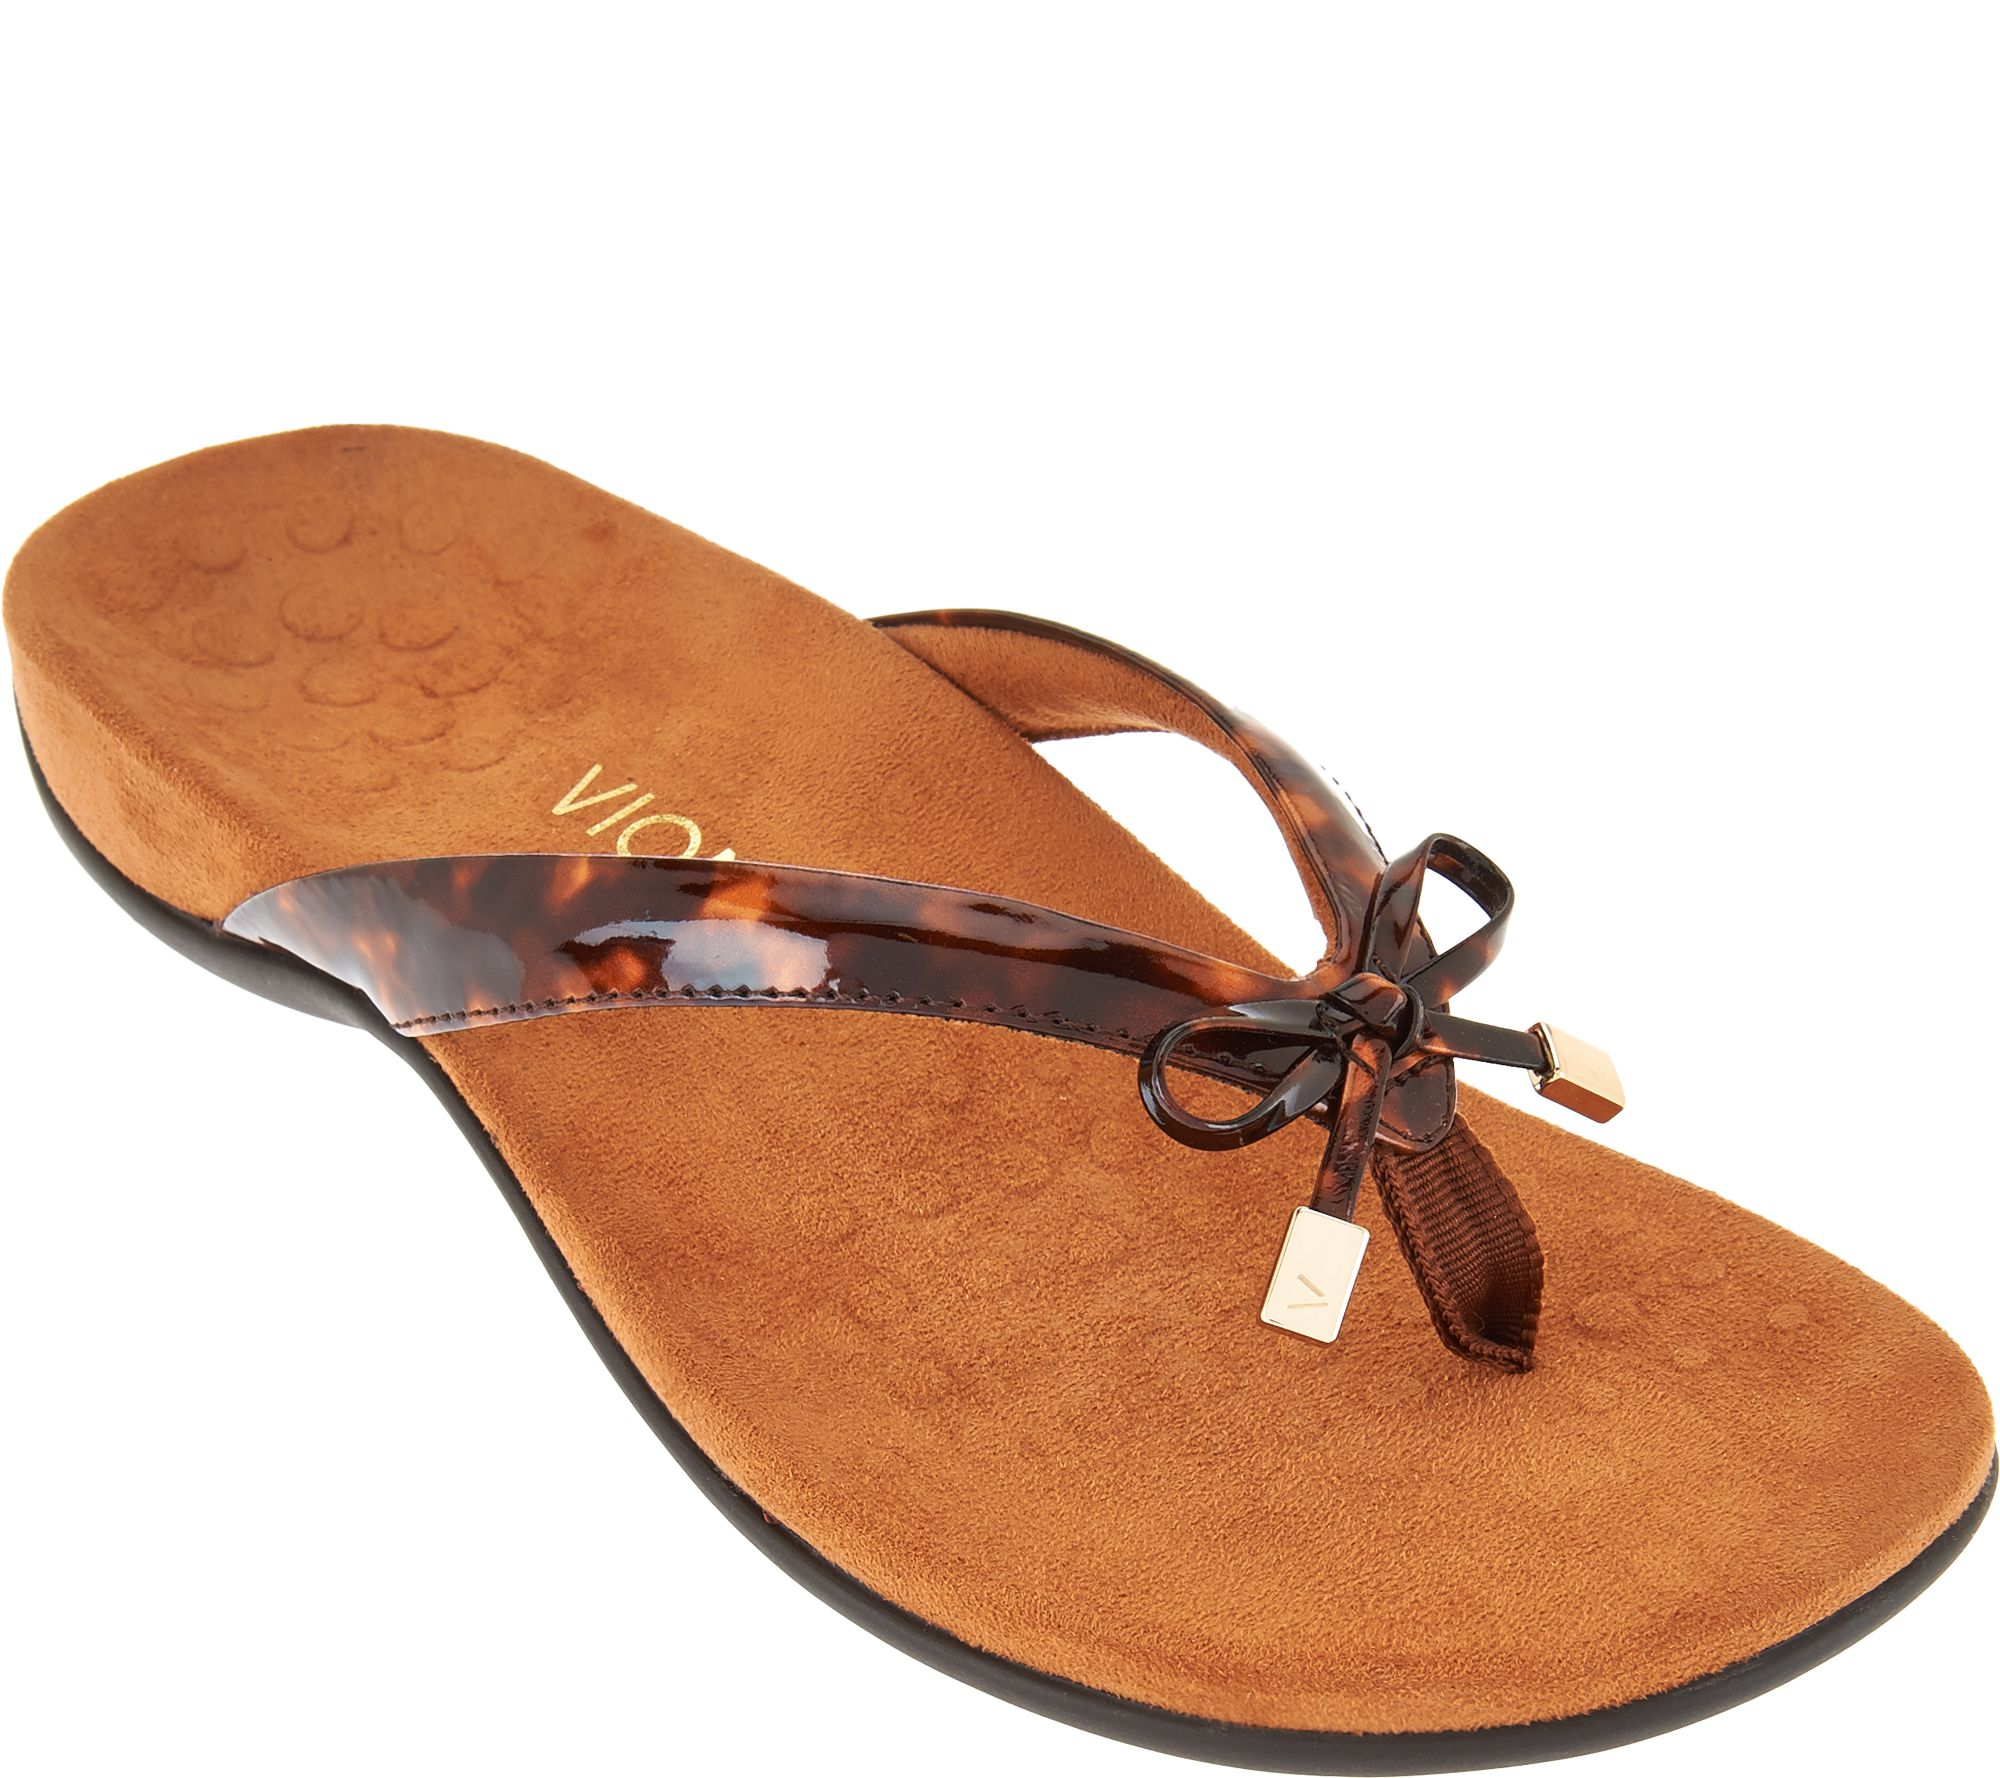 ae9d9b1a70f9 Vionic Orthotic Sandals - Bella II - Page 1 — QVC.com